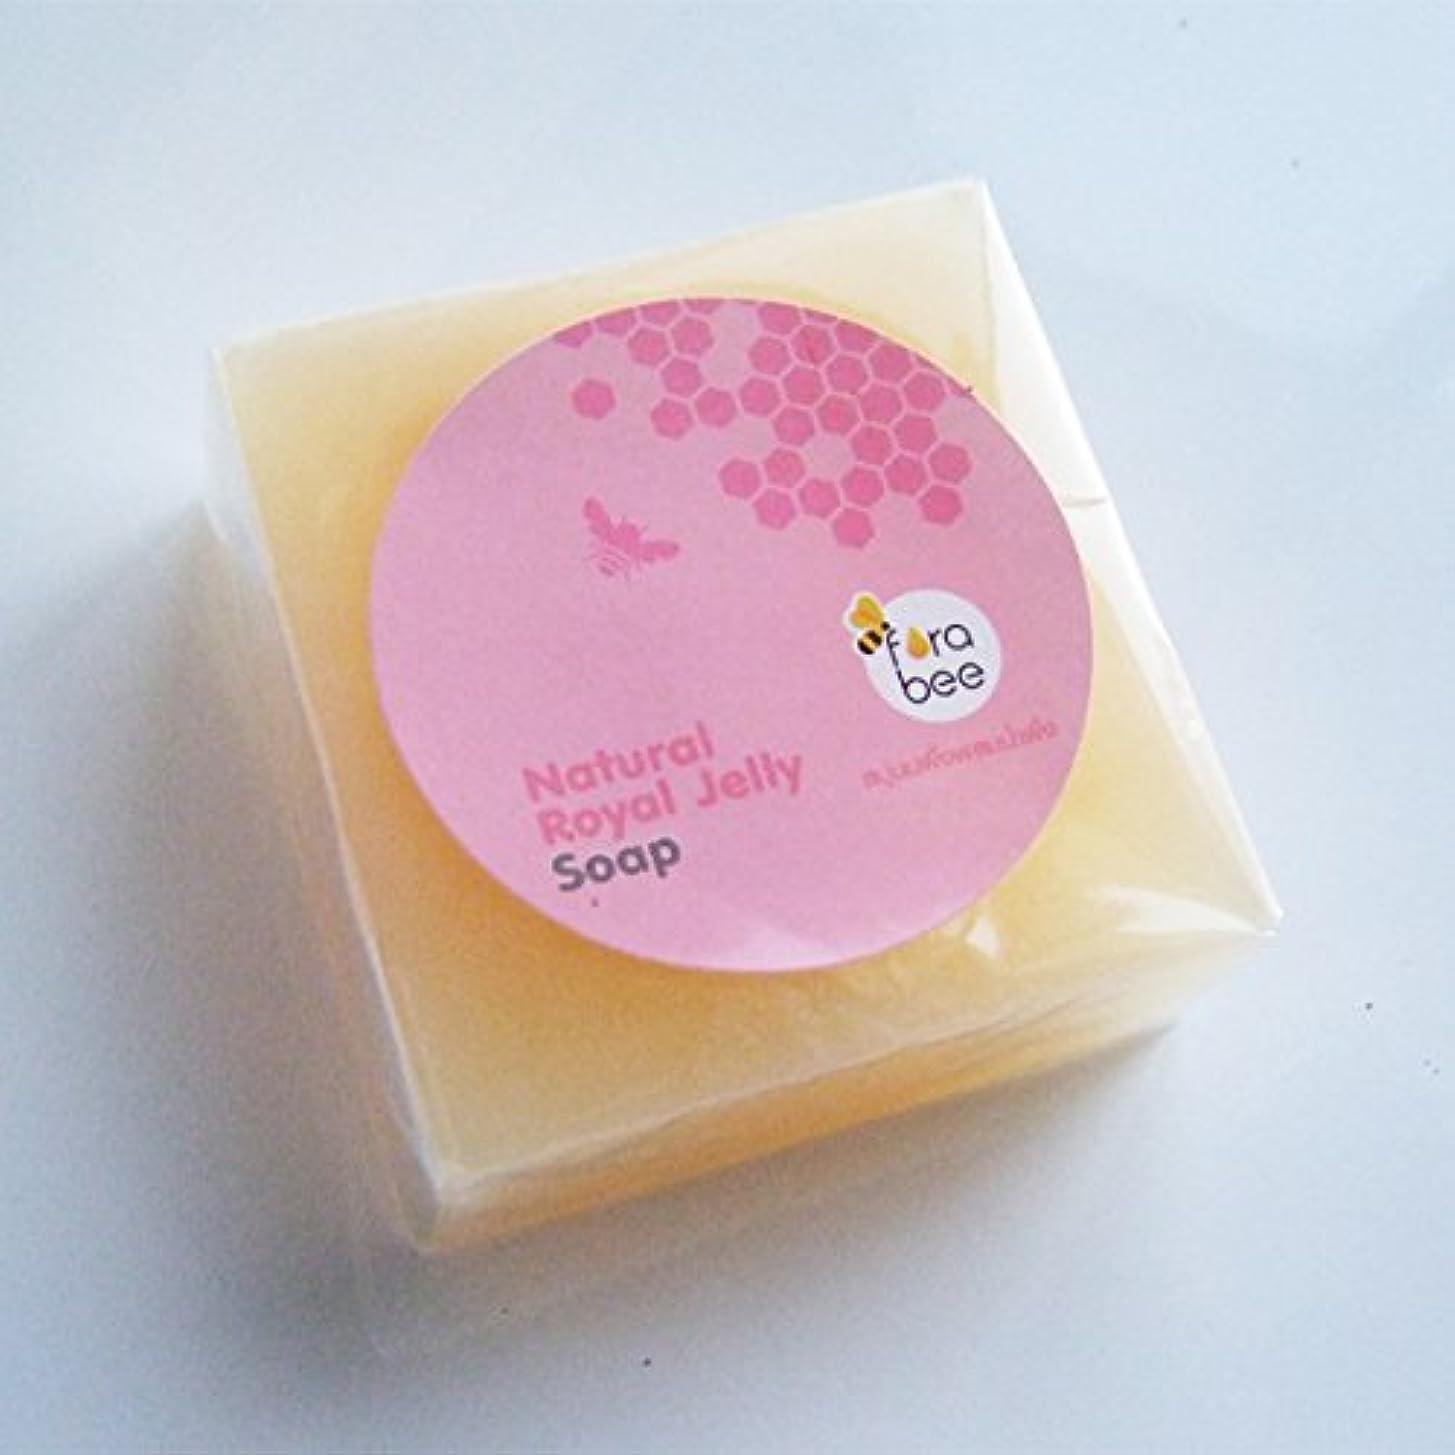 ライター買う粘性の天然ローヤルゼリー石鹸 2個(蜂蜜配合、木箱入り)